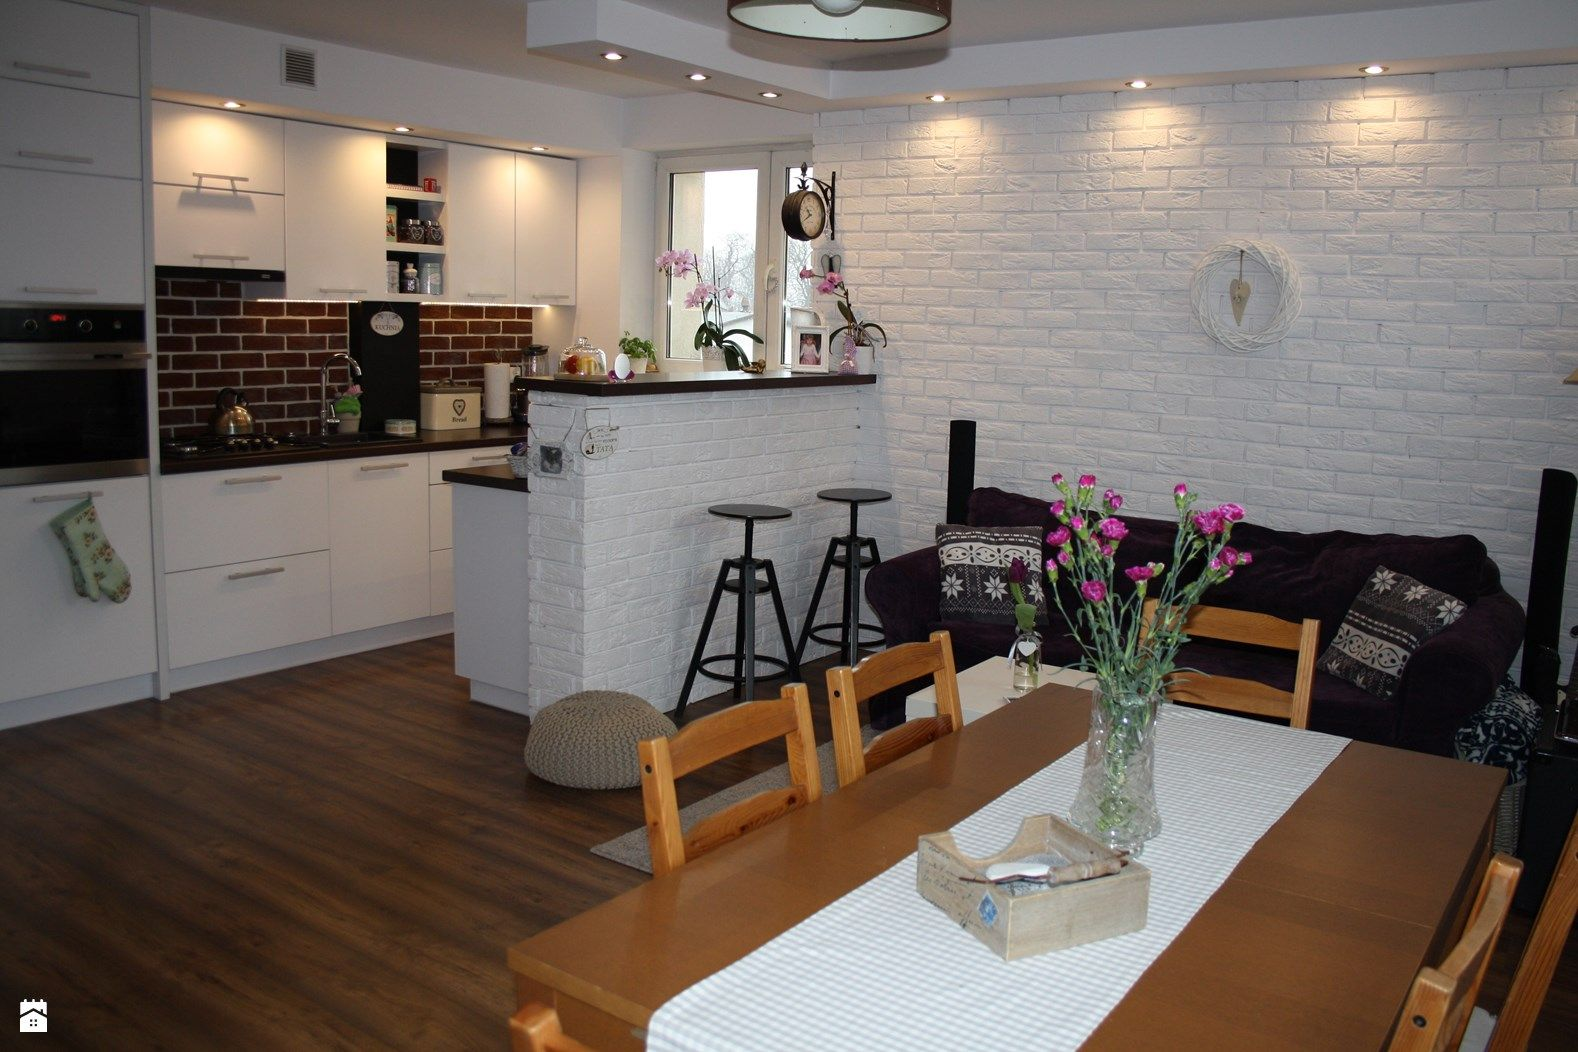 kuchnia otwarta na salon  zdjęcie od Aneta Czubaszek   -> Kuchnia A Salon